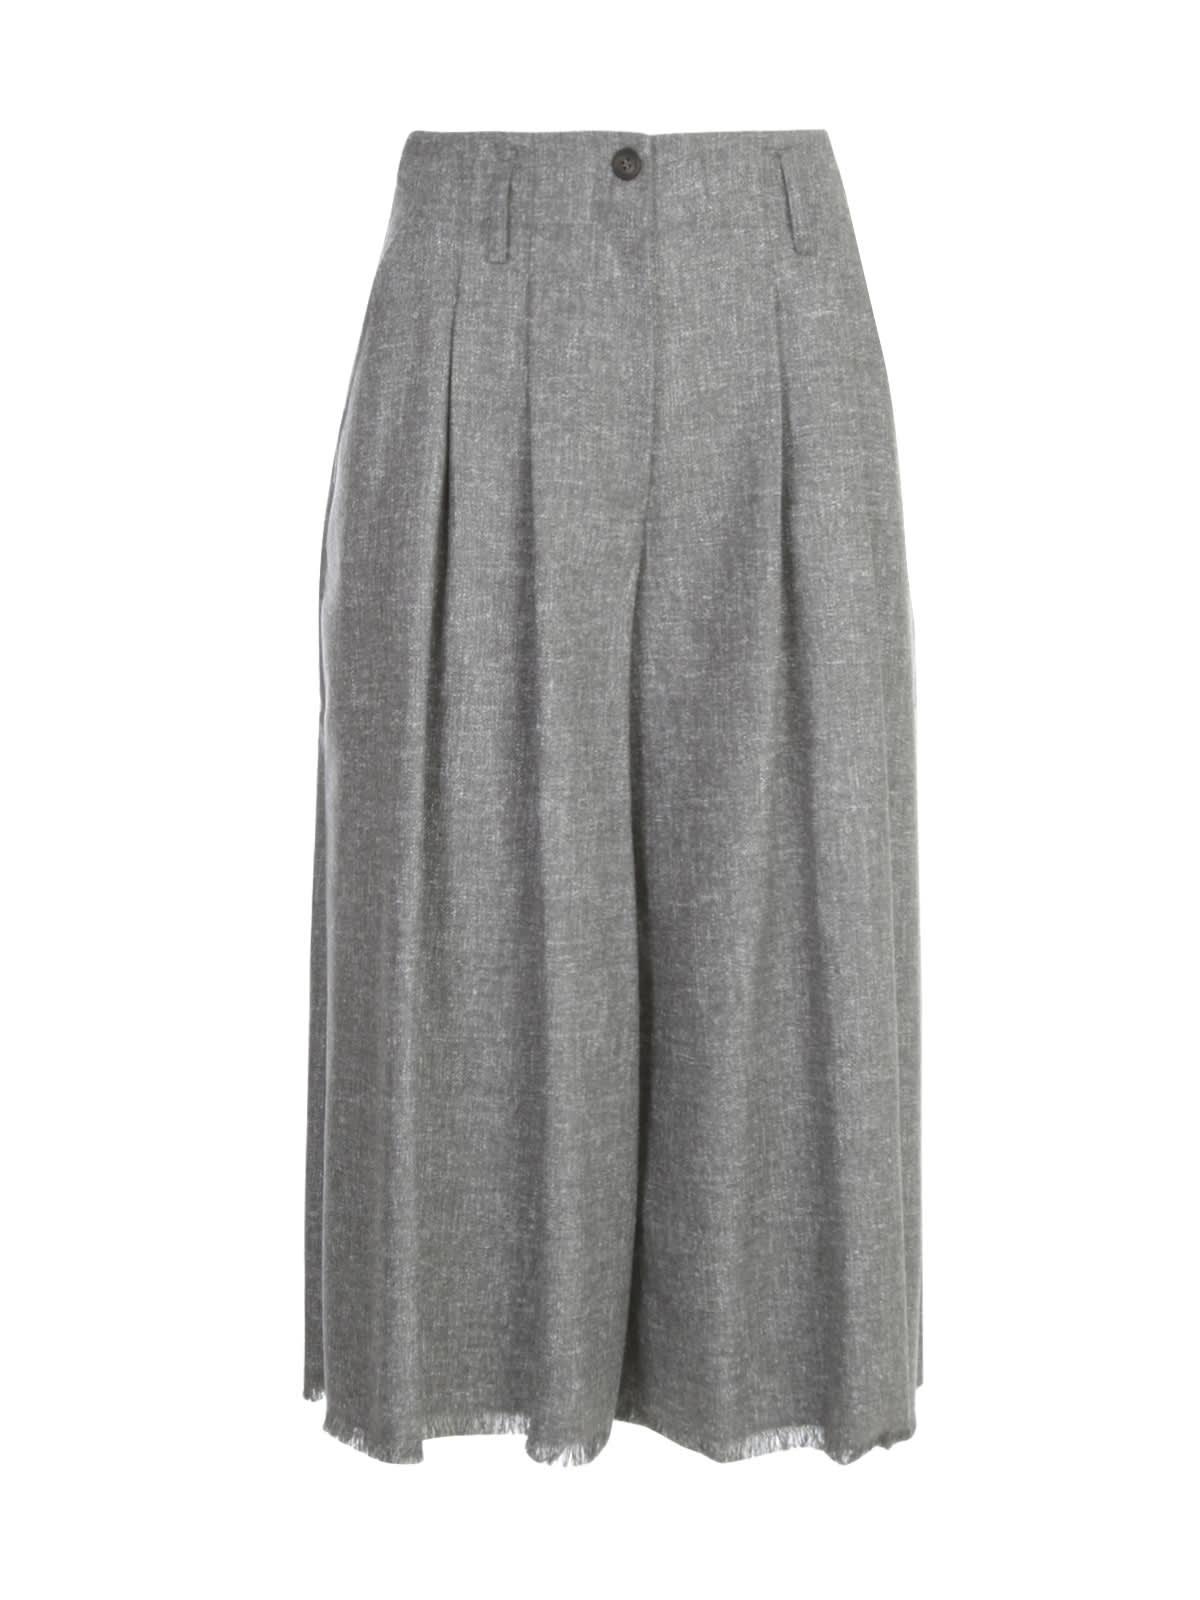 Skirt Pants W/fringes On Bottom